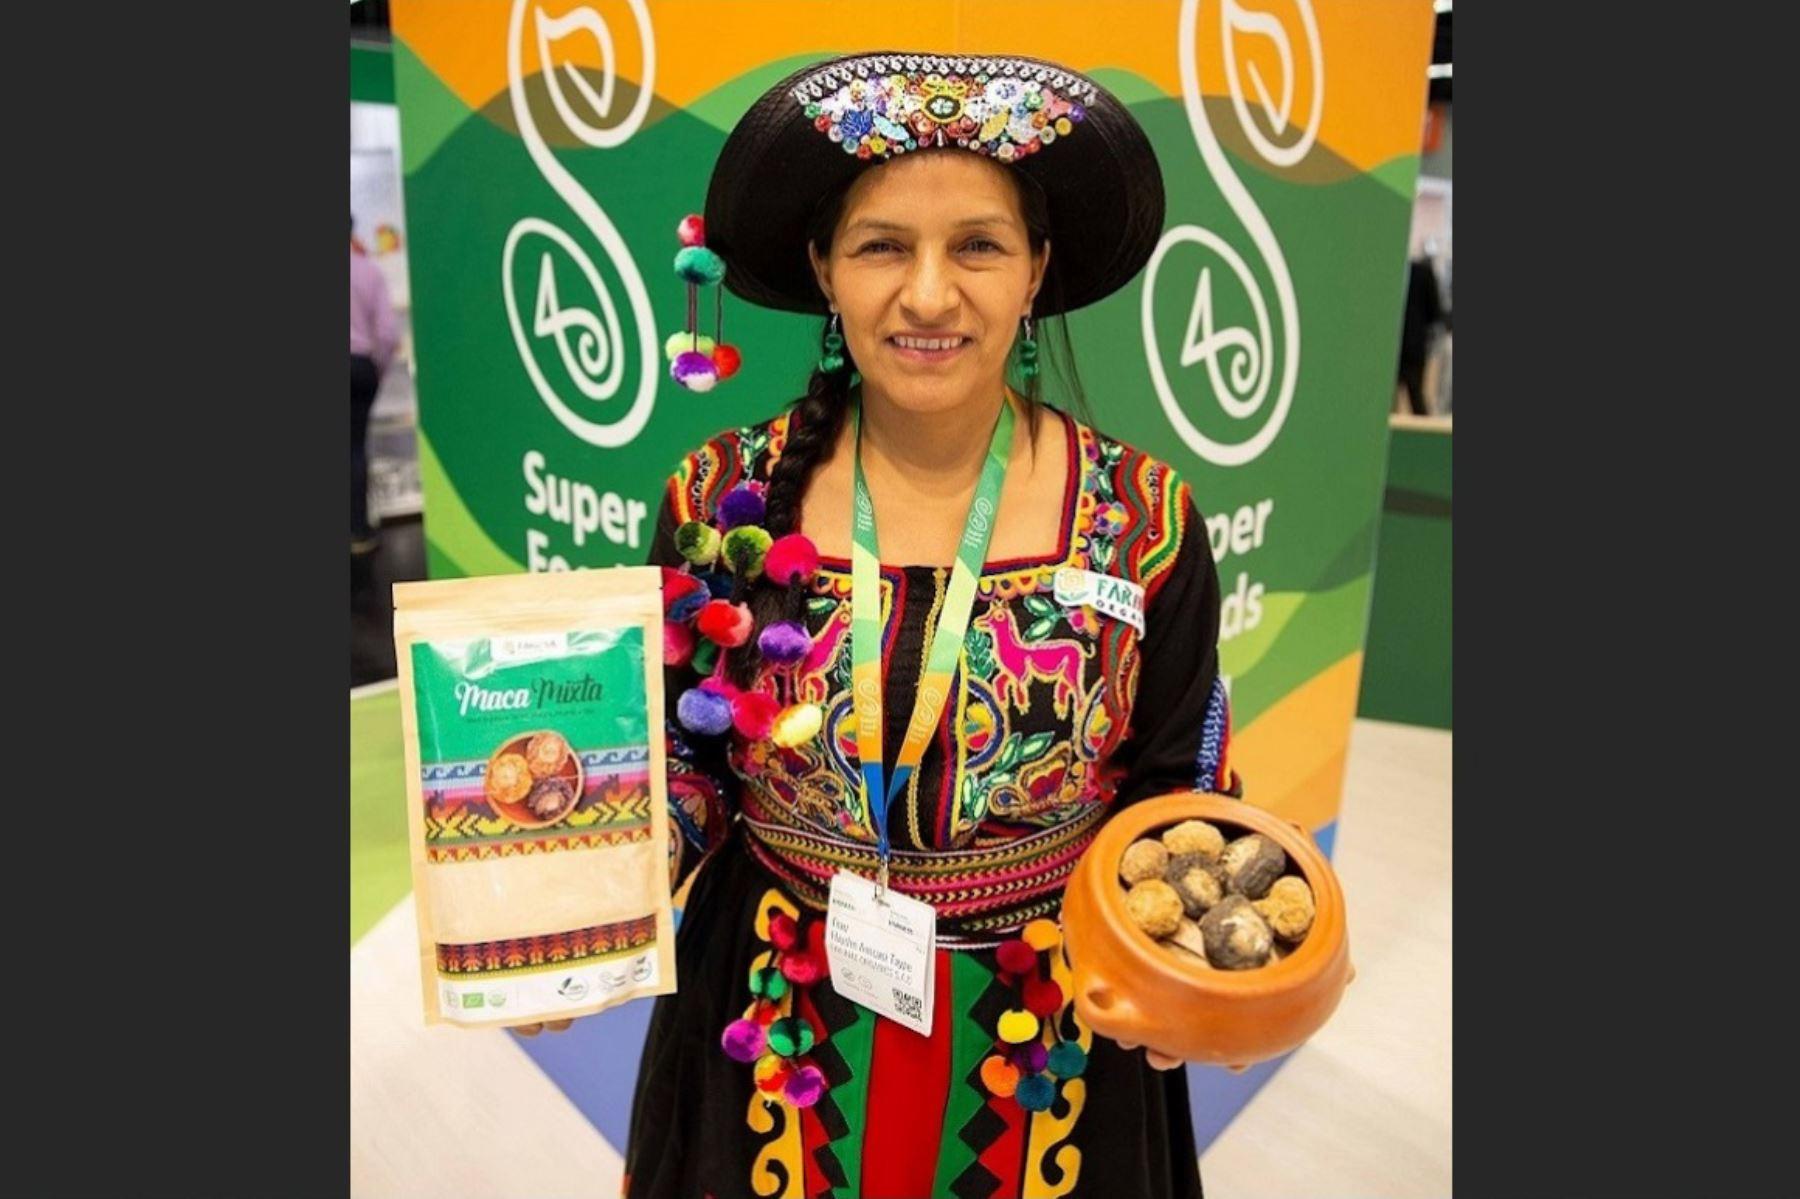 Perú mostrará su potencial de productos orgánicos en BioFach 2020, importante feria mundial de alimentos orgánicos que se celebra en Alemania. ANDINA/Difusión